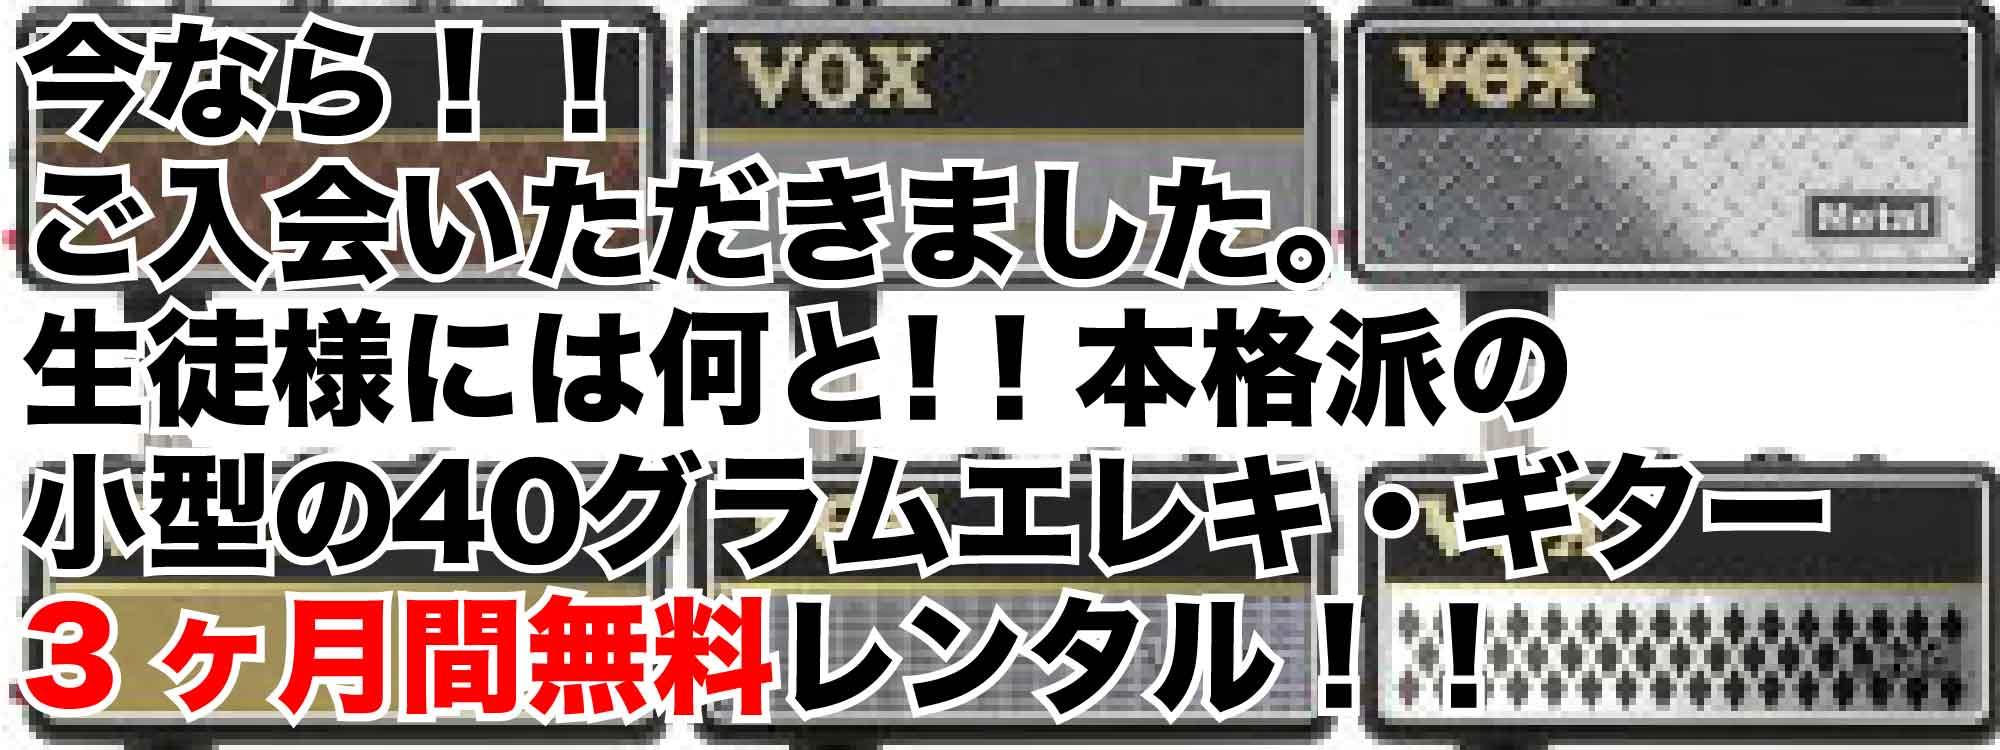 無料!!エレキギター アンプ3ヶ月無料レンタル(feelギター教室 西東京市田無校)